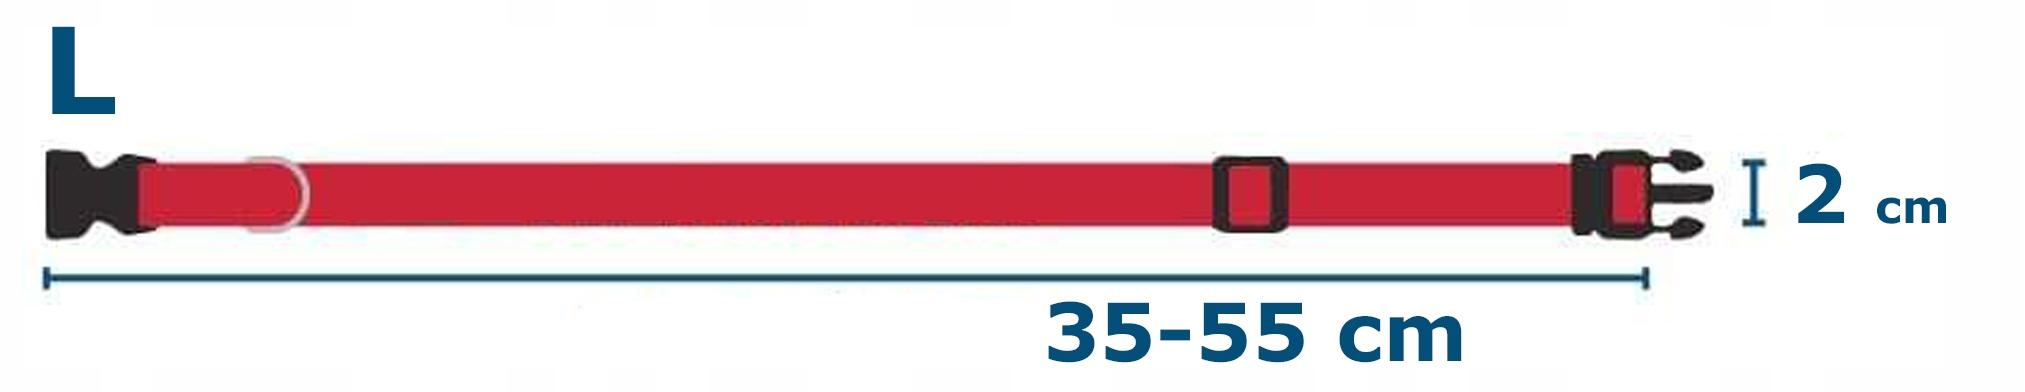 OBROŻA dla psa MOCNA TAŚMA 2cm REGULACJA 35-55cm L Kod producenta JW-0404-L-NIEBIESKI